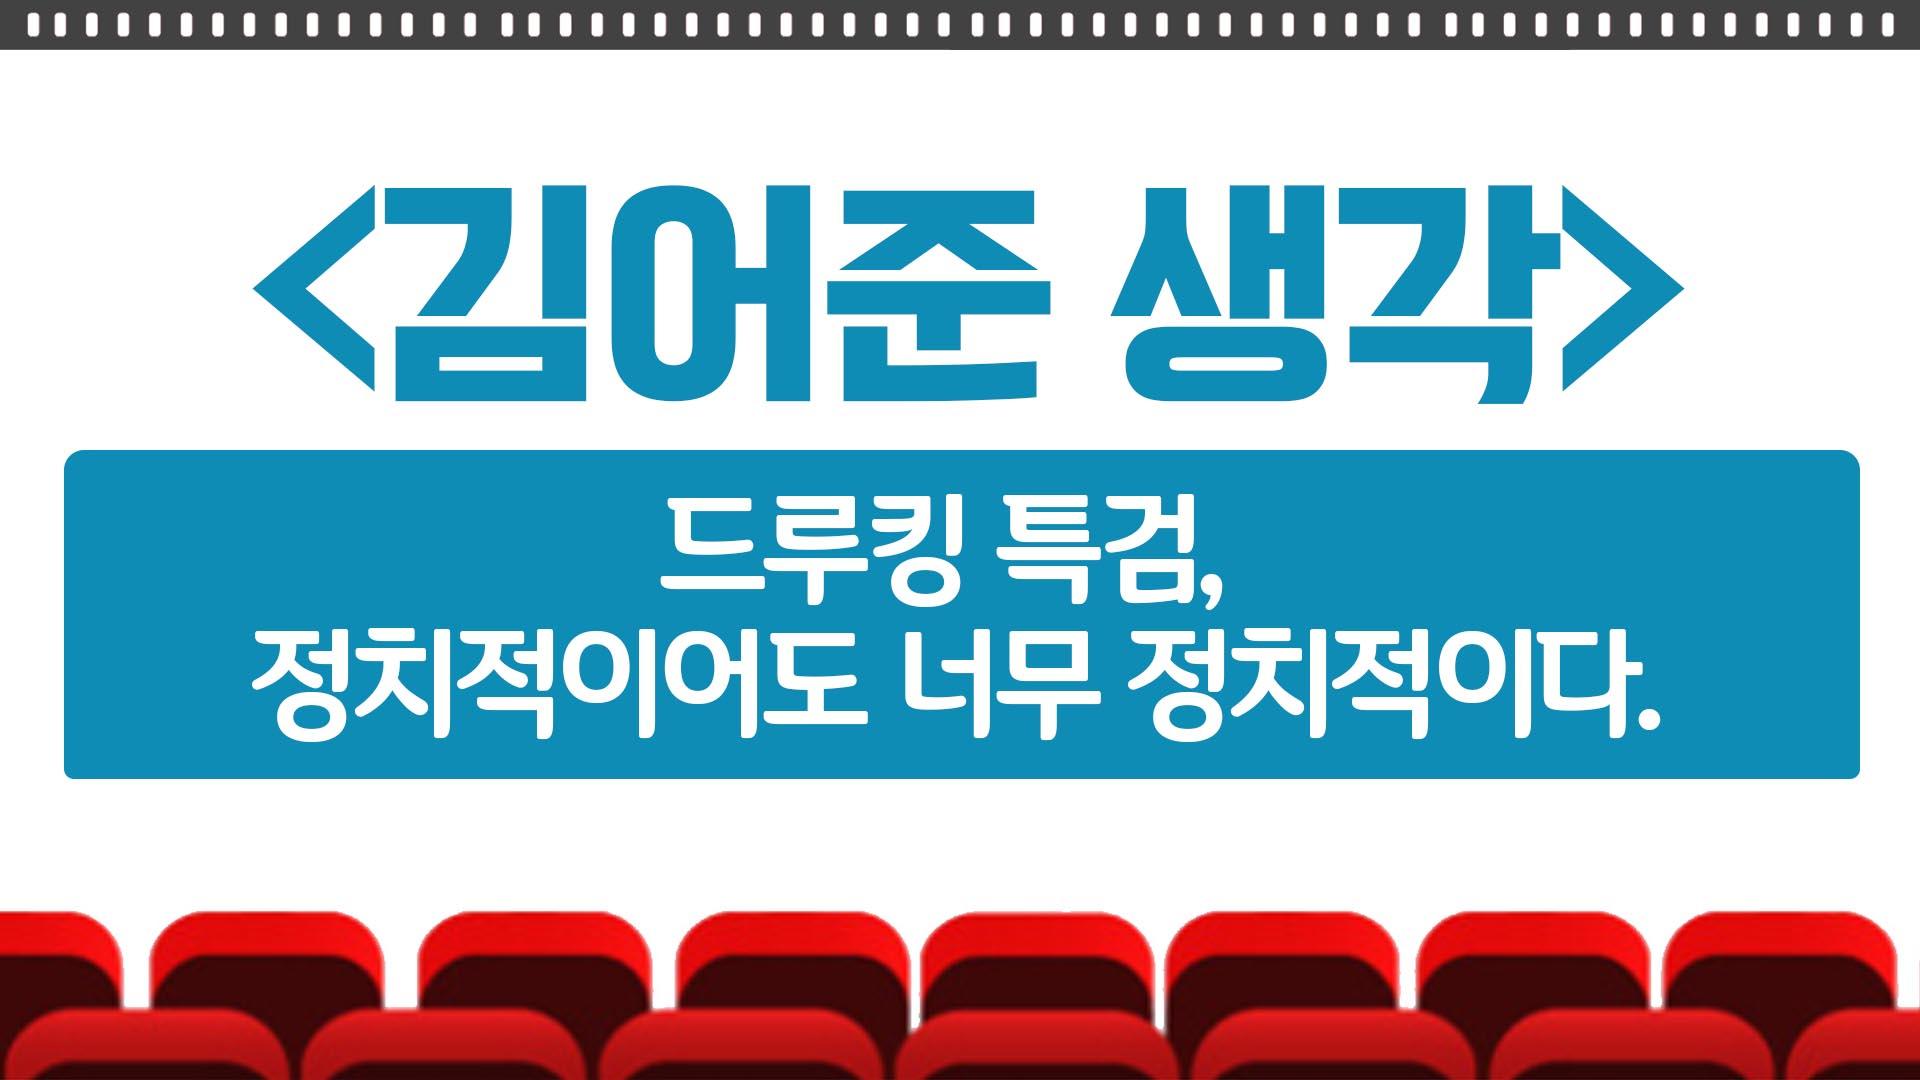 [김어준의 뉴스공장 / 김어준 생각] 드루킹 특검, 정치적이어도 너무 정치적이다.